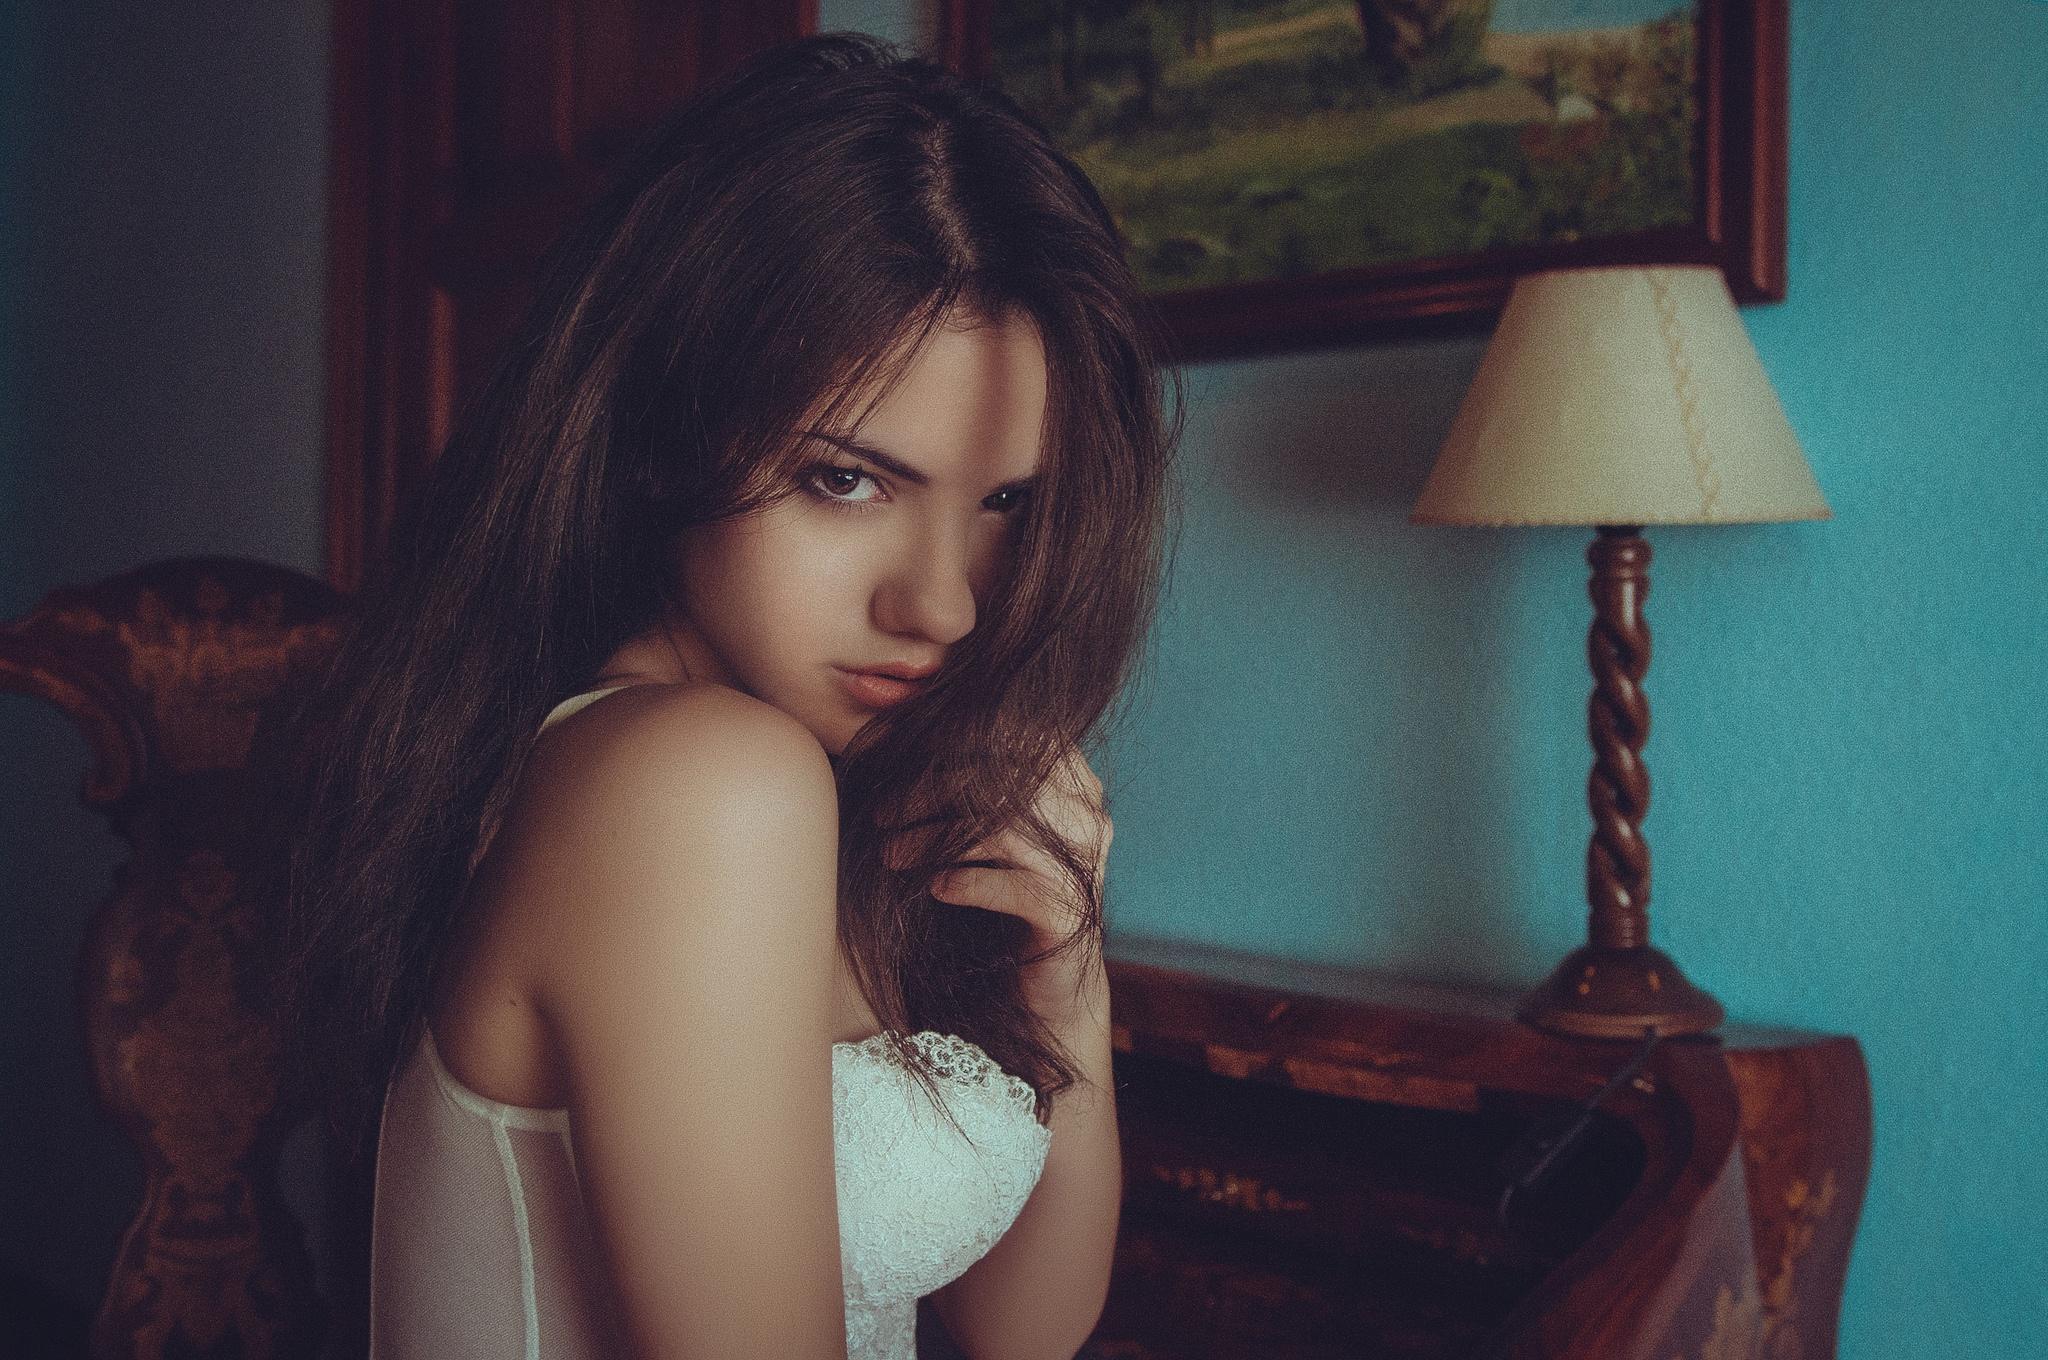 Images Delaia Gonzalez nude photos 2019